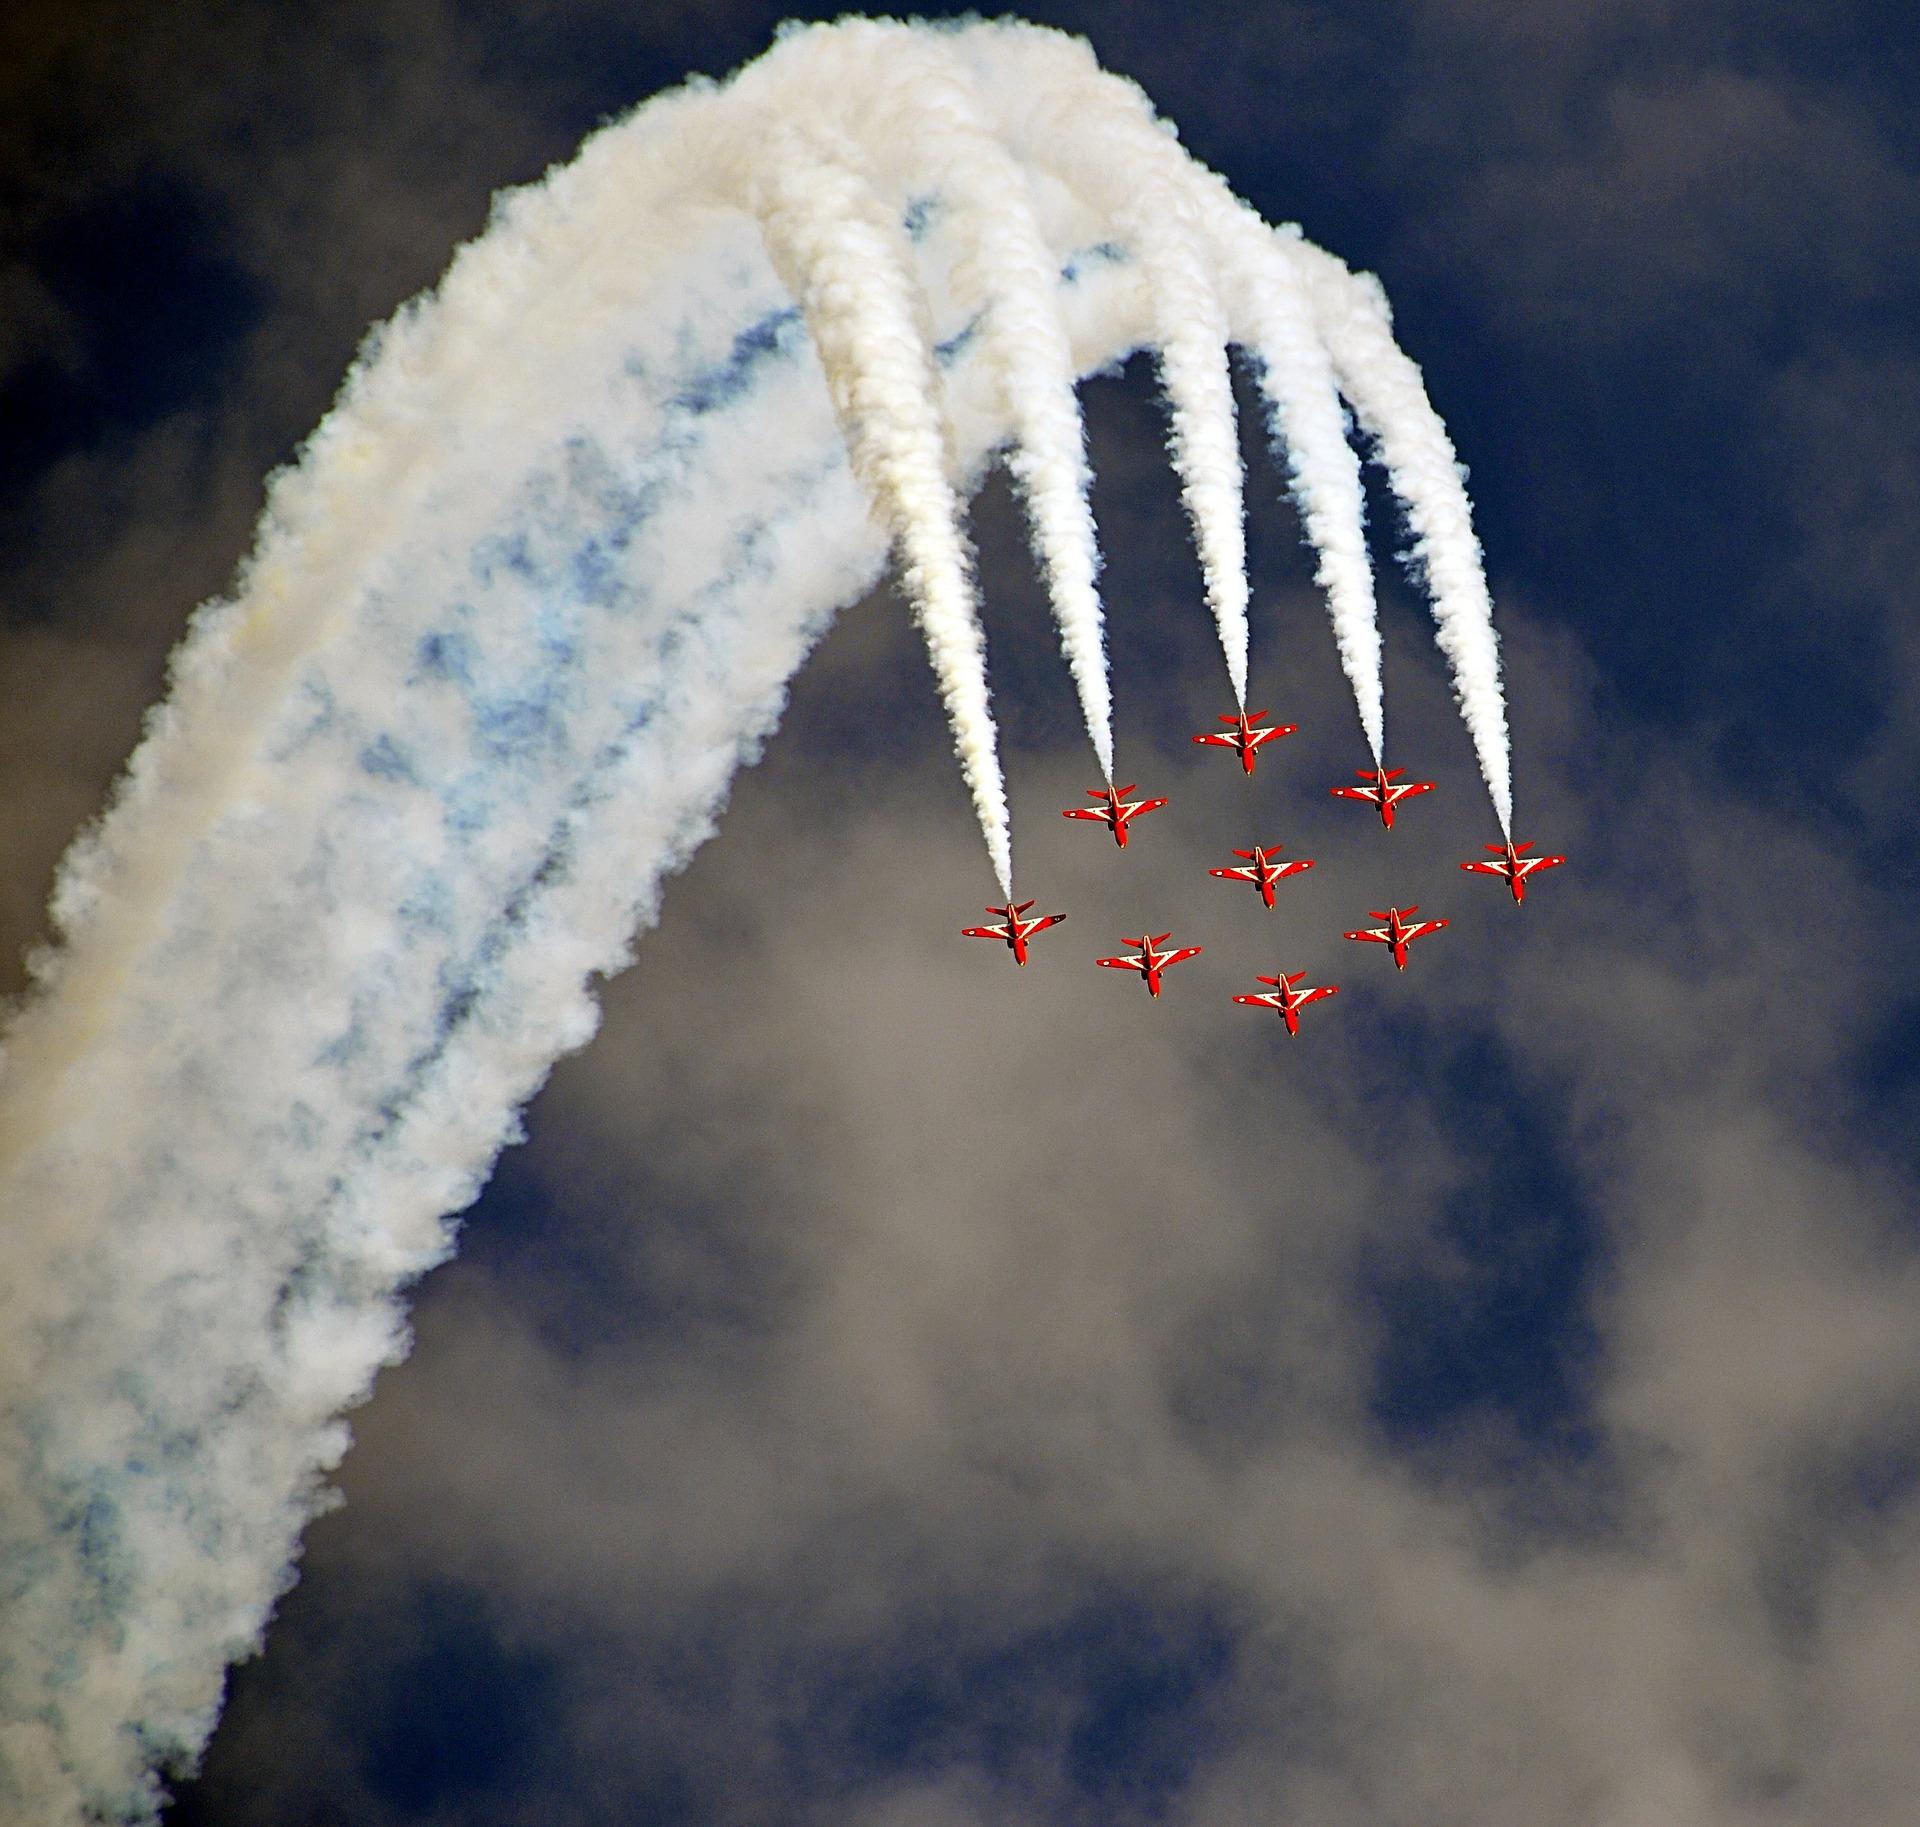 Flugzeug, zeigen, Akrobatik, fliegen, Rauch - Wallpaper HD - Prof.-falken.com